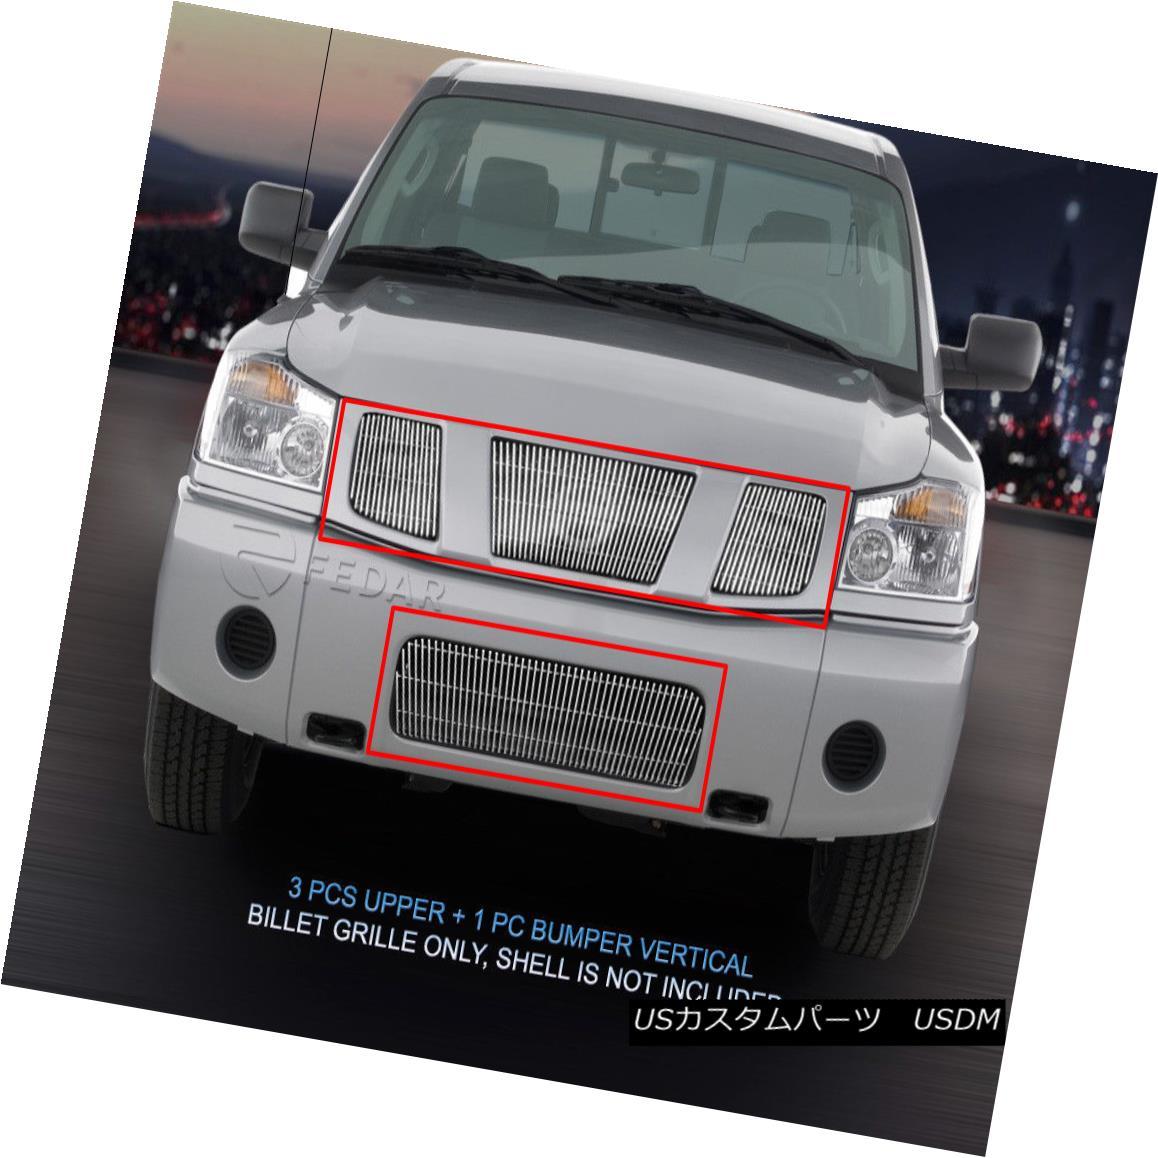 グリル Fits 04-07 Nissan Titan/Armada Vertical Billet Grille Combo 4 Pcs Fedar Fits 04-07 Nissan Titan / Armada縦型ビレットグリルコンボ4個入りFedar